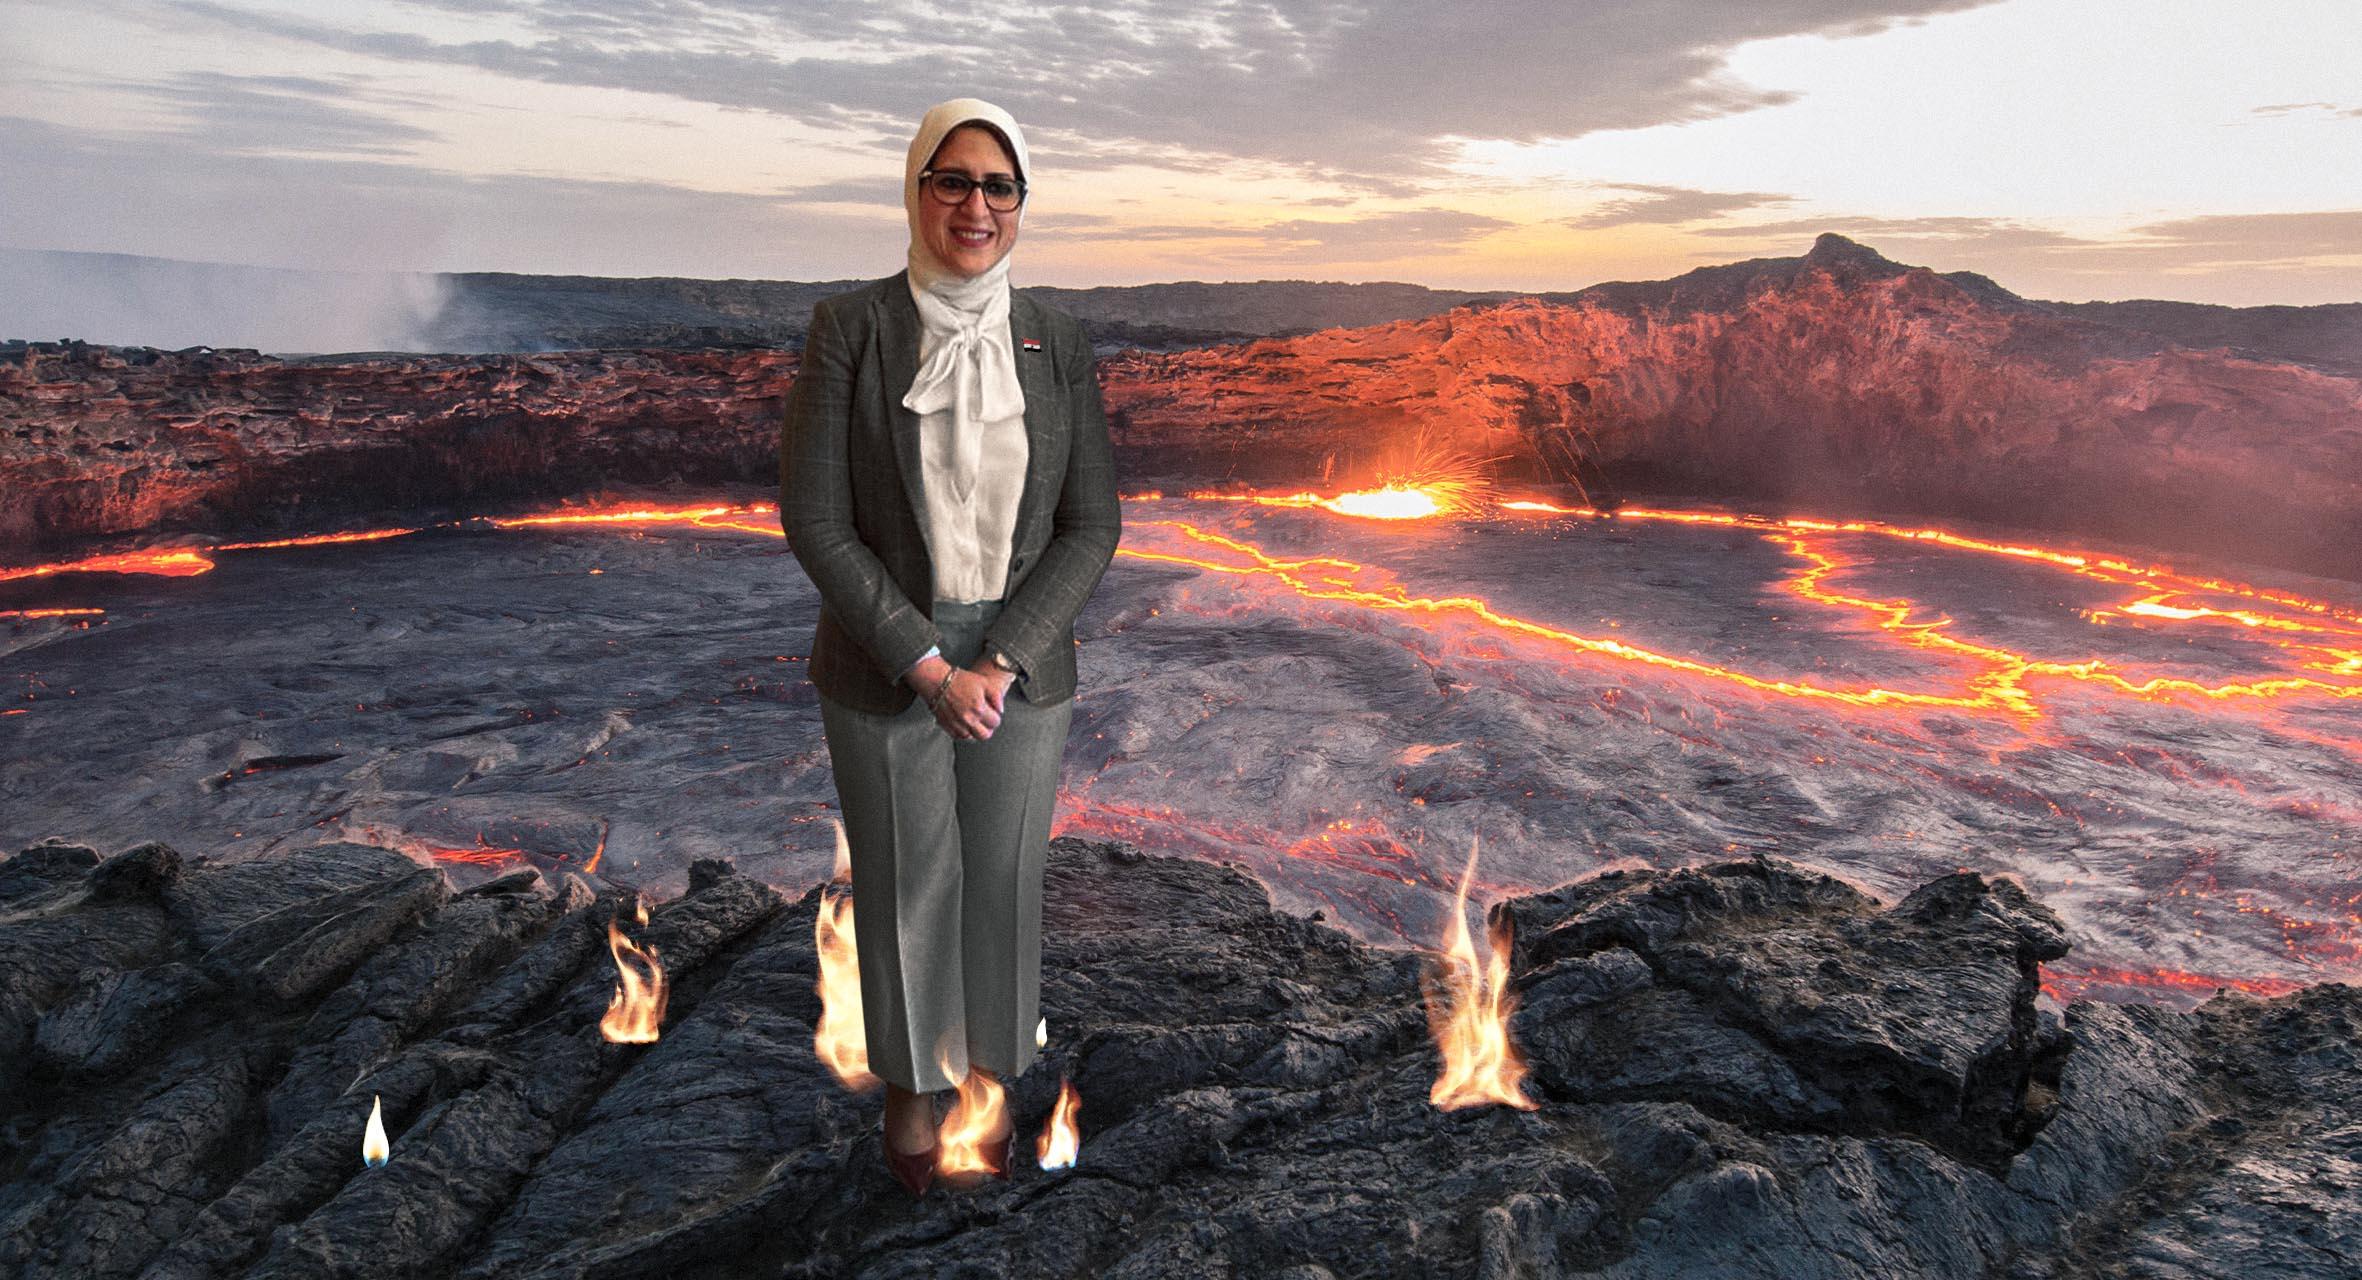 صورة هالة زايد تضع قدمها في فوهة بركان نشط لتثبت أنّه لا يحرق